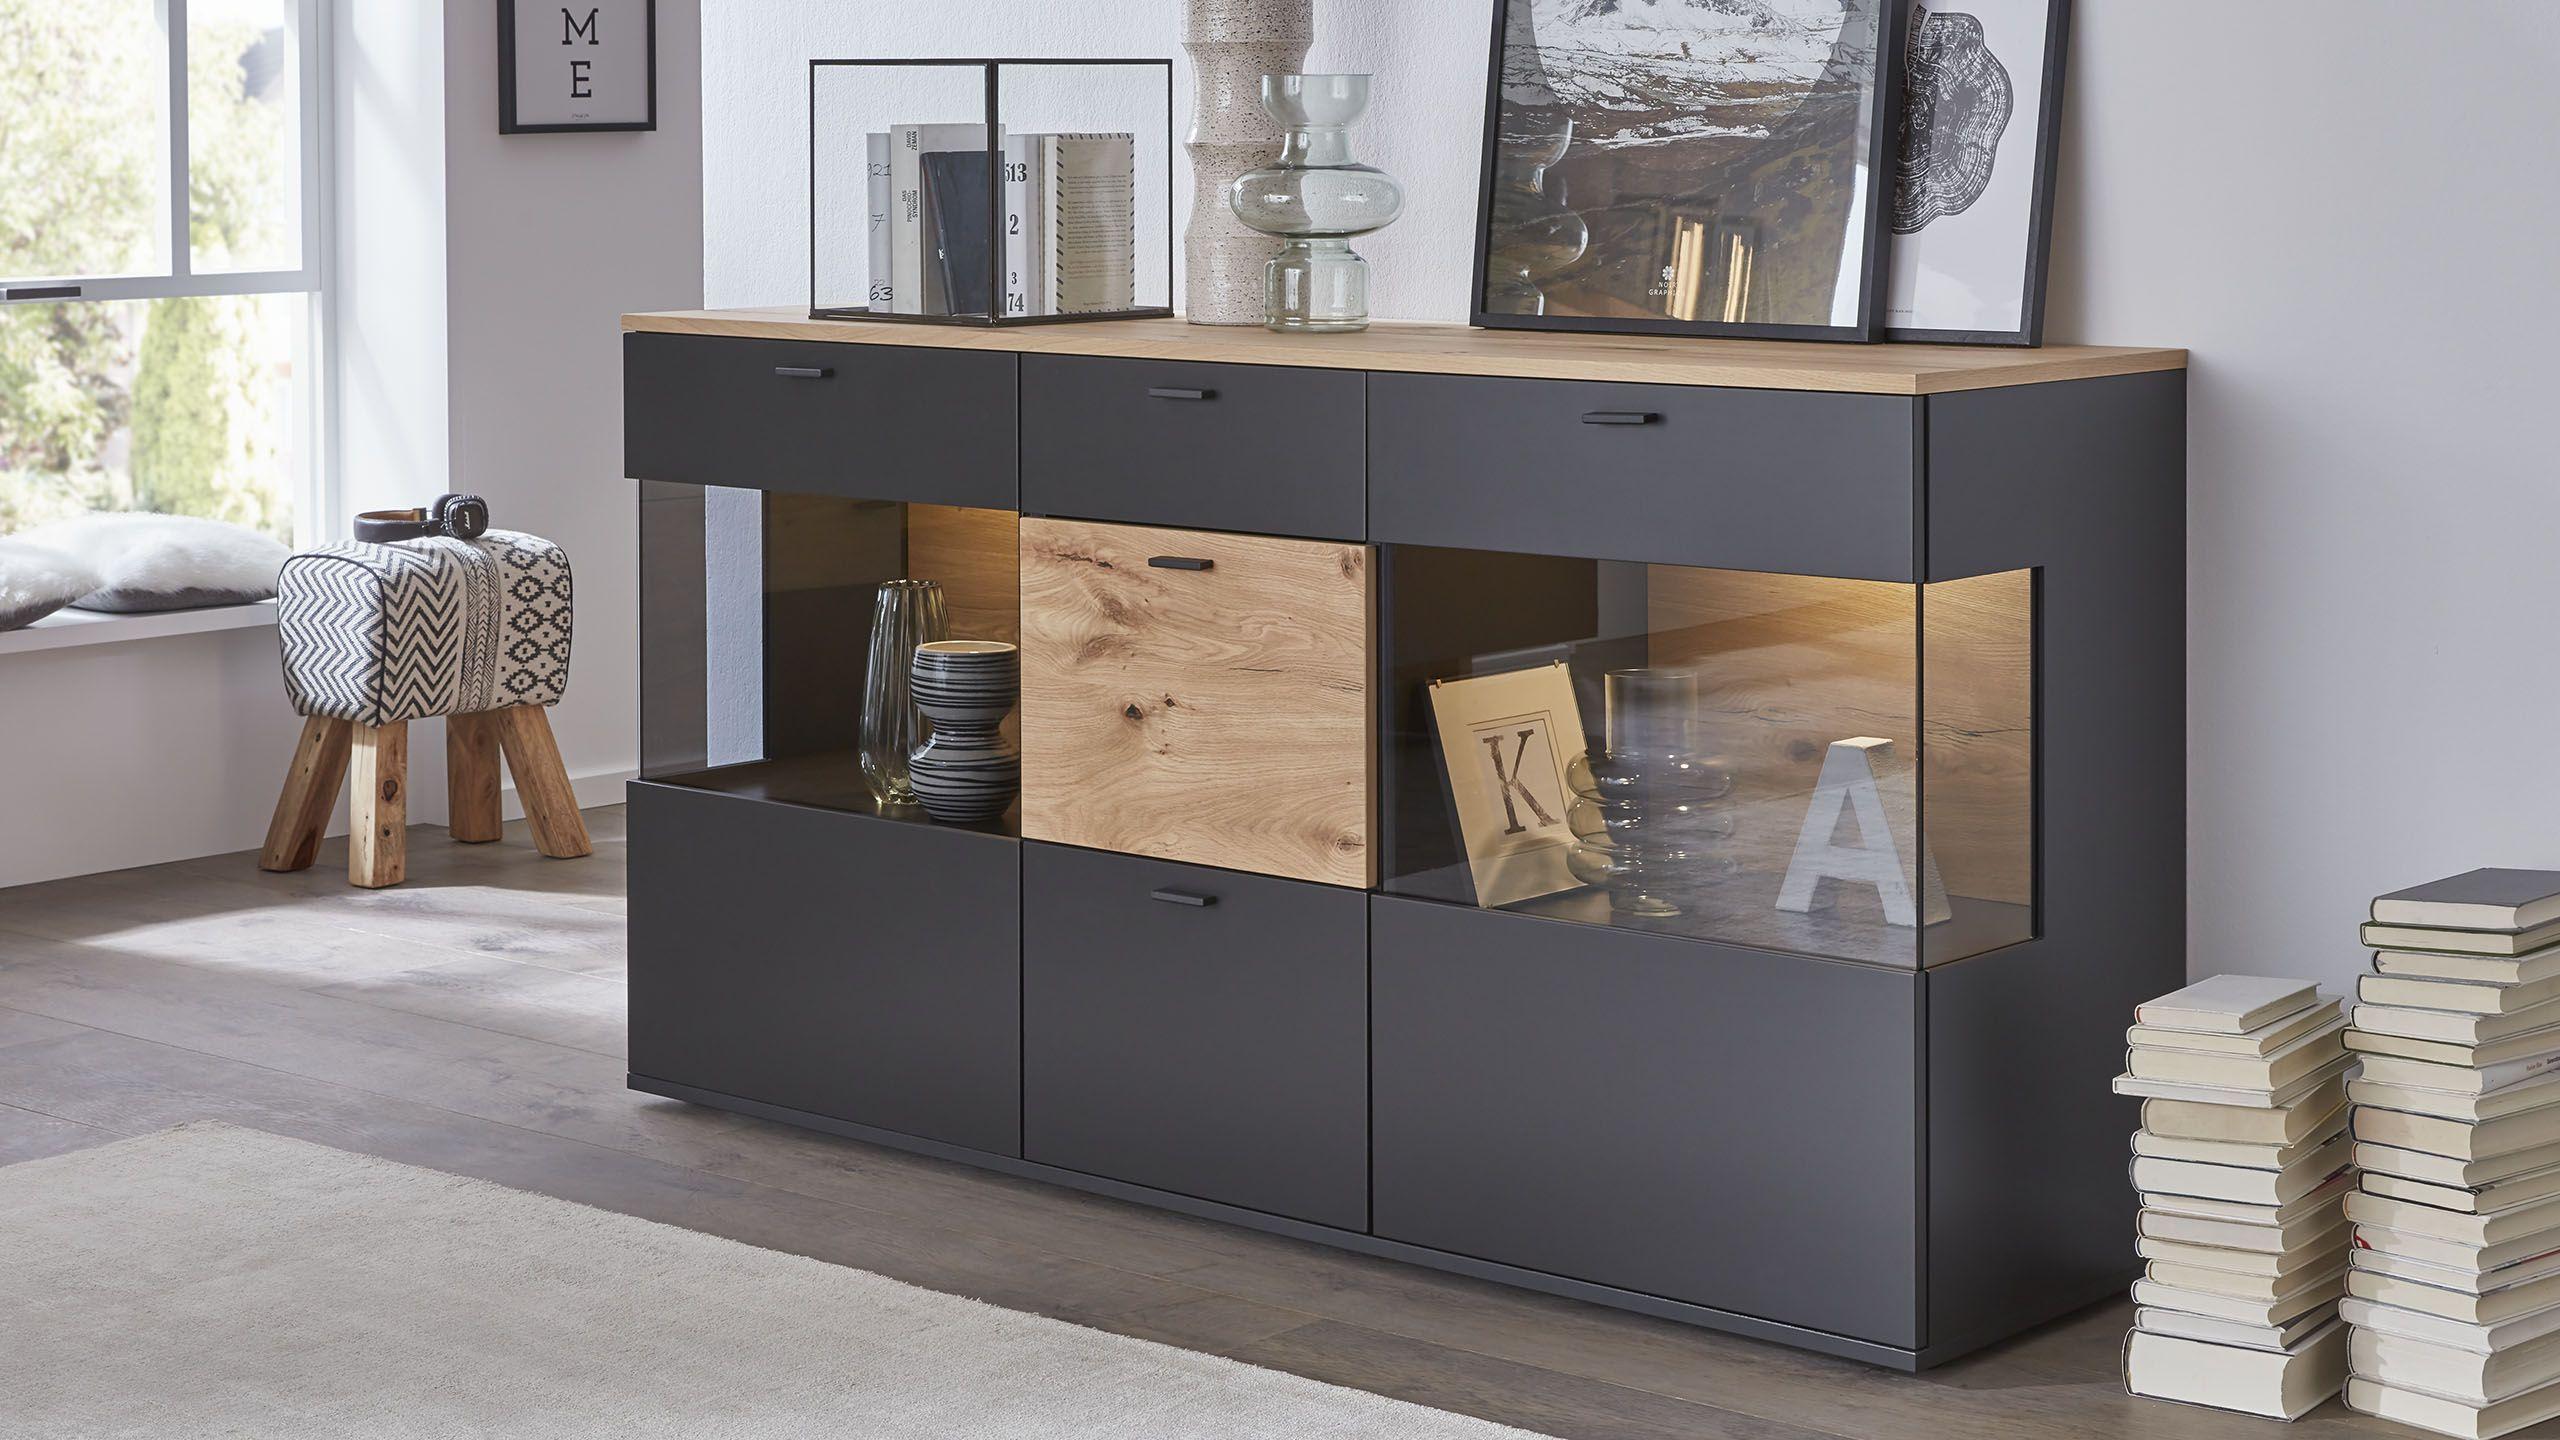 Kommode Von Morteens Bei Home24 Bestellen In 2020 Furniture